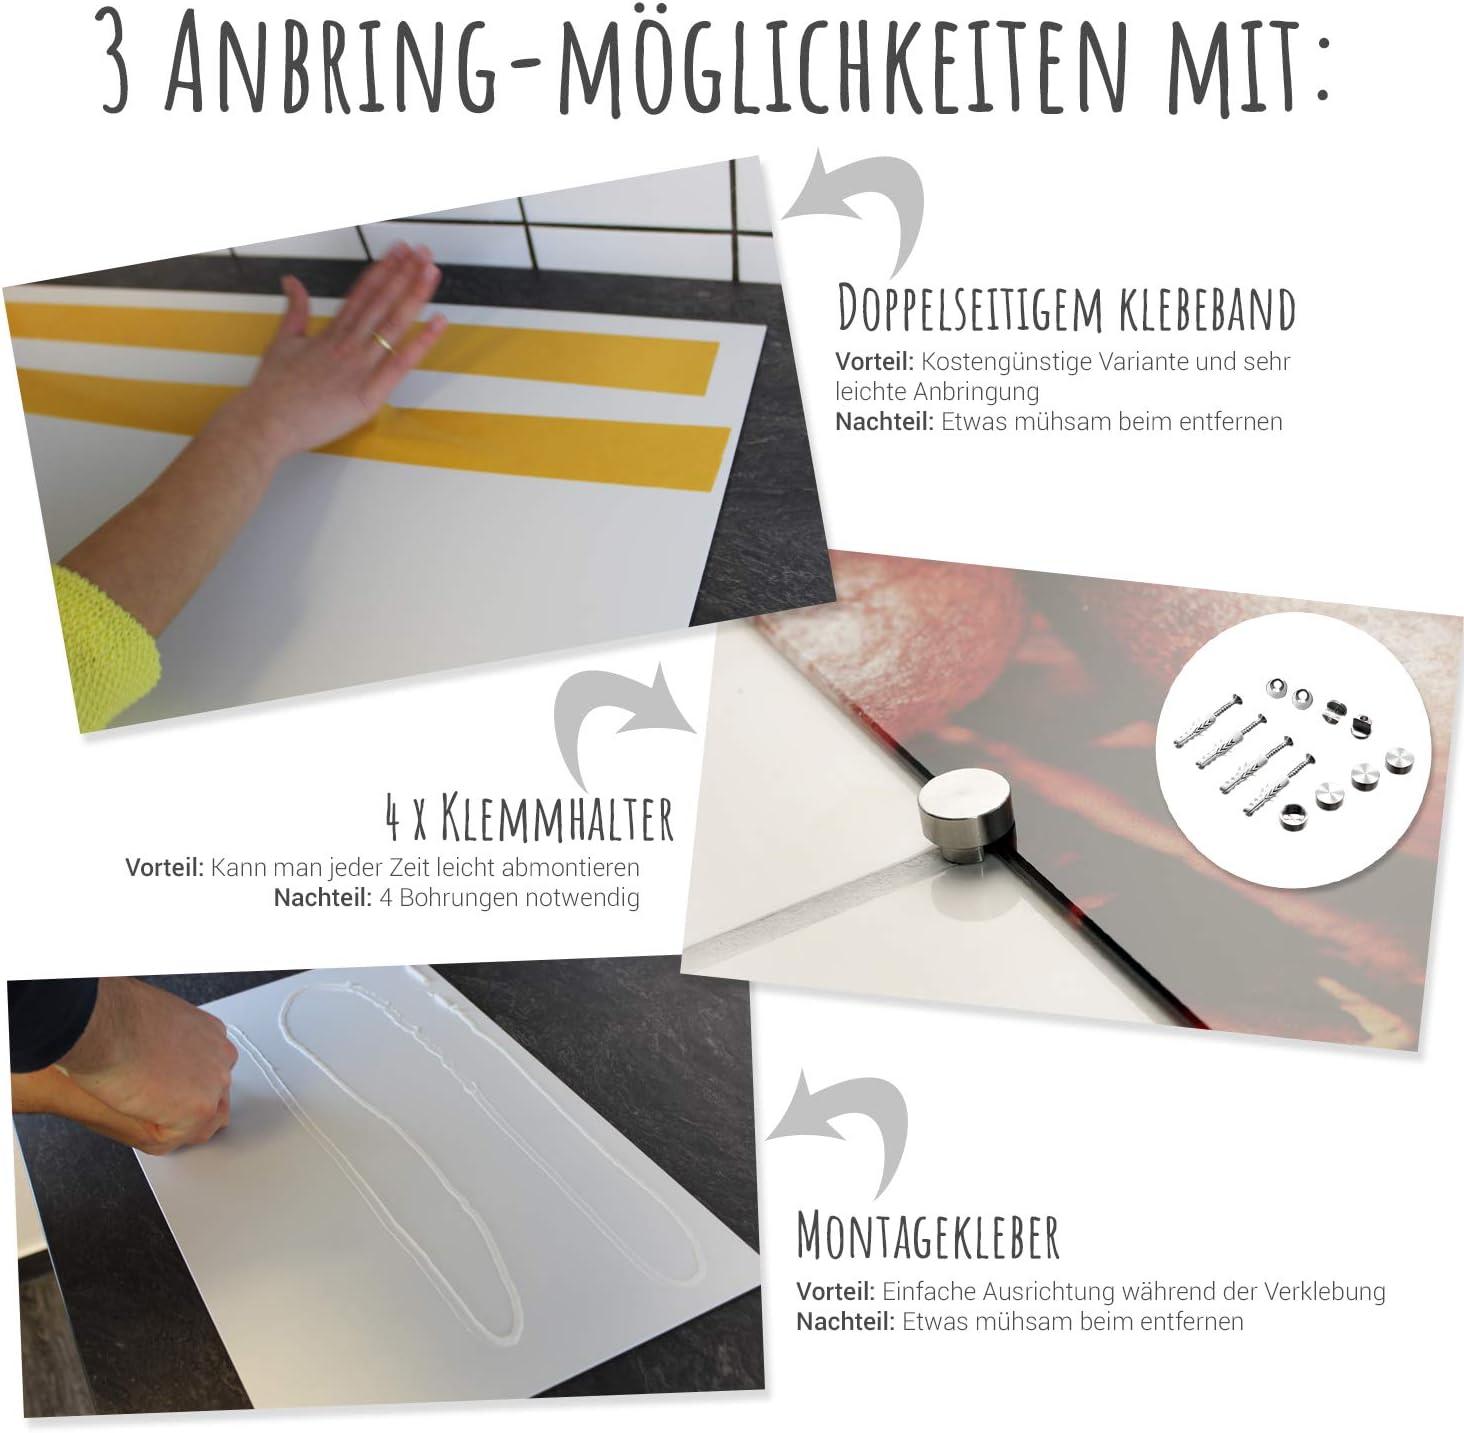 GRAZDesign K/üchen R/ückwand Wei/ß Glas-Bild Spritzschutz Herd Druck hinter Glas Bild-Motiv Gew/ürze und Tomaten 60x40cm